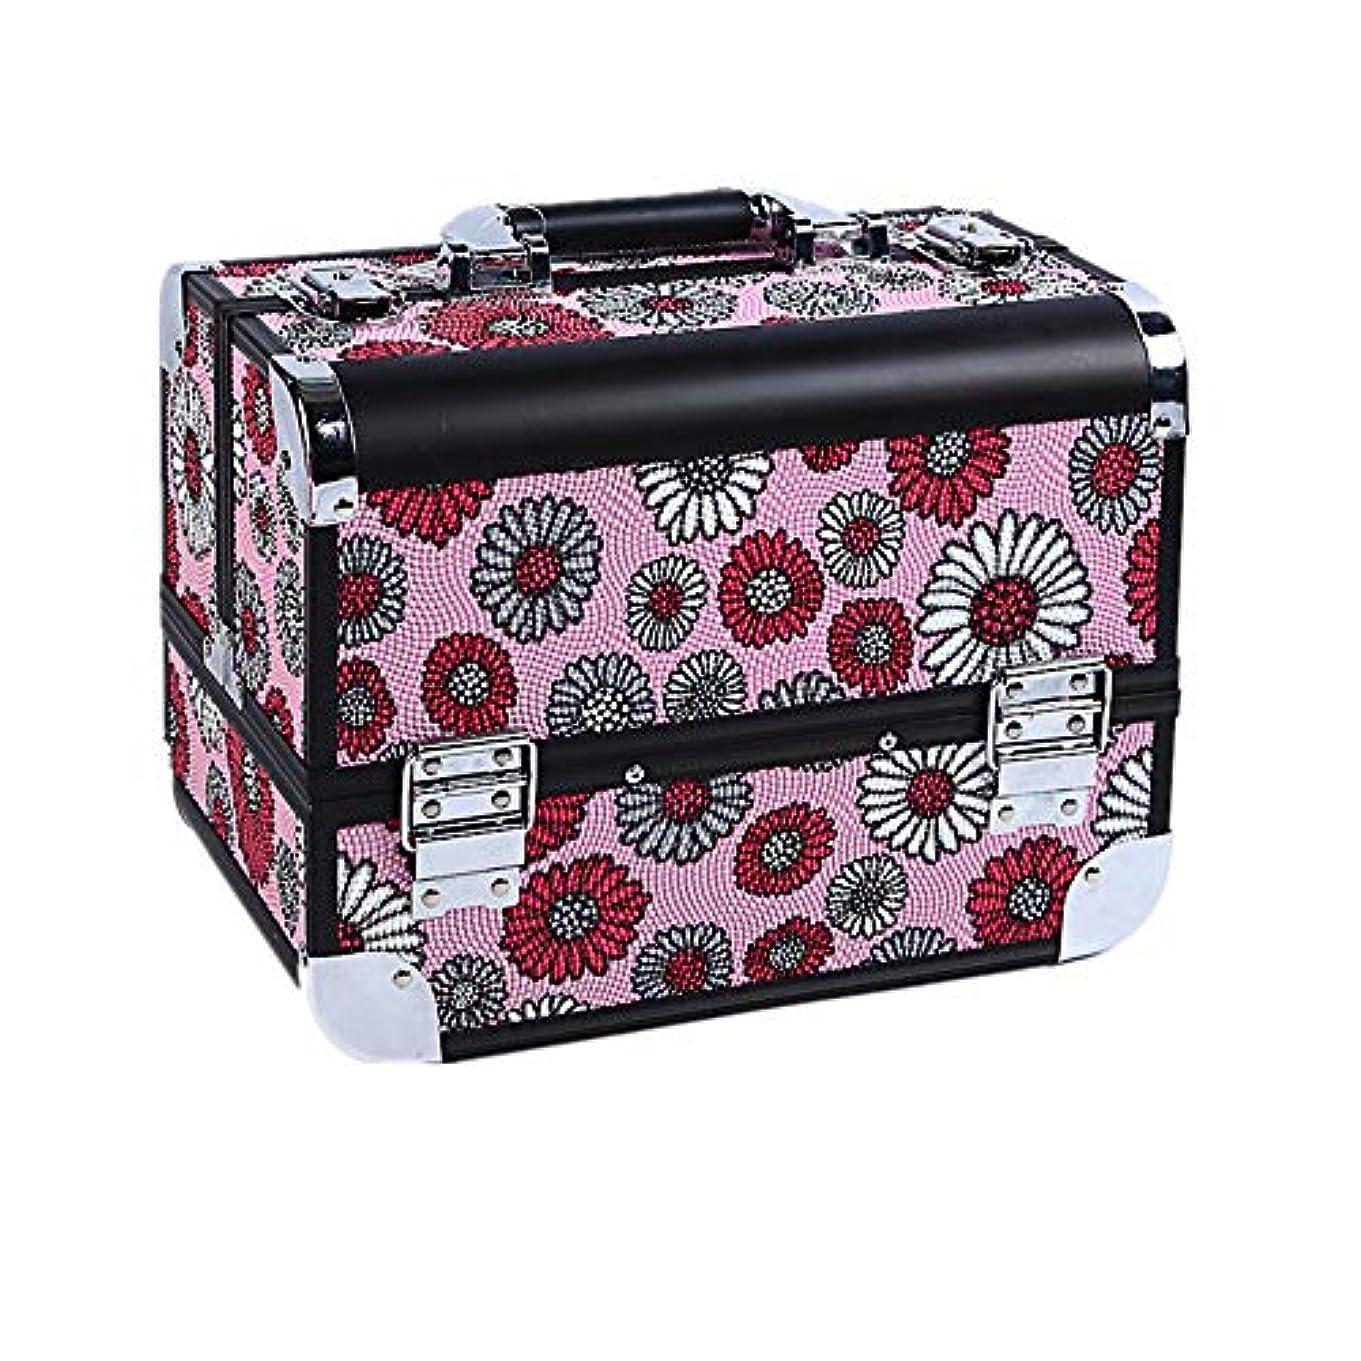 気取らないデマンド北米化粧オーガナイザーバッグ 大容量ポータブルアルミ合金旅行化粧品美容メイクアップ化粧ケースひまわりのパターンと折り畳みトレイ 化粧品ケース